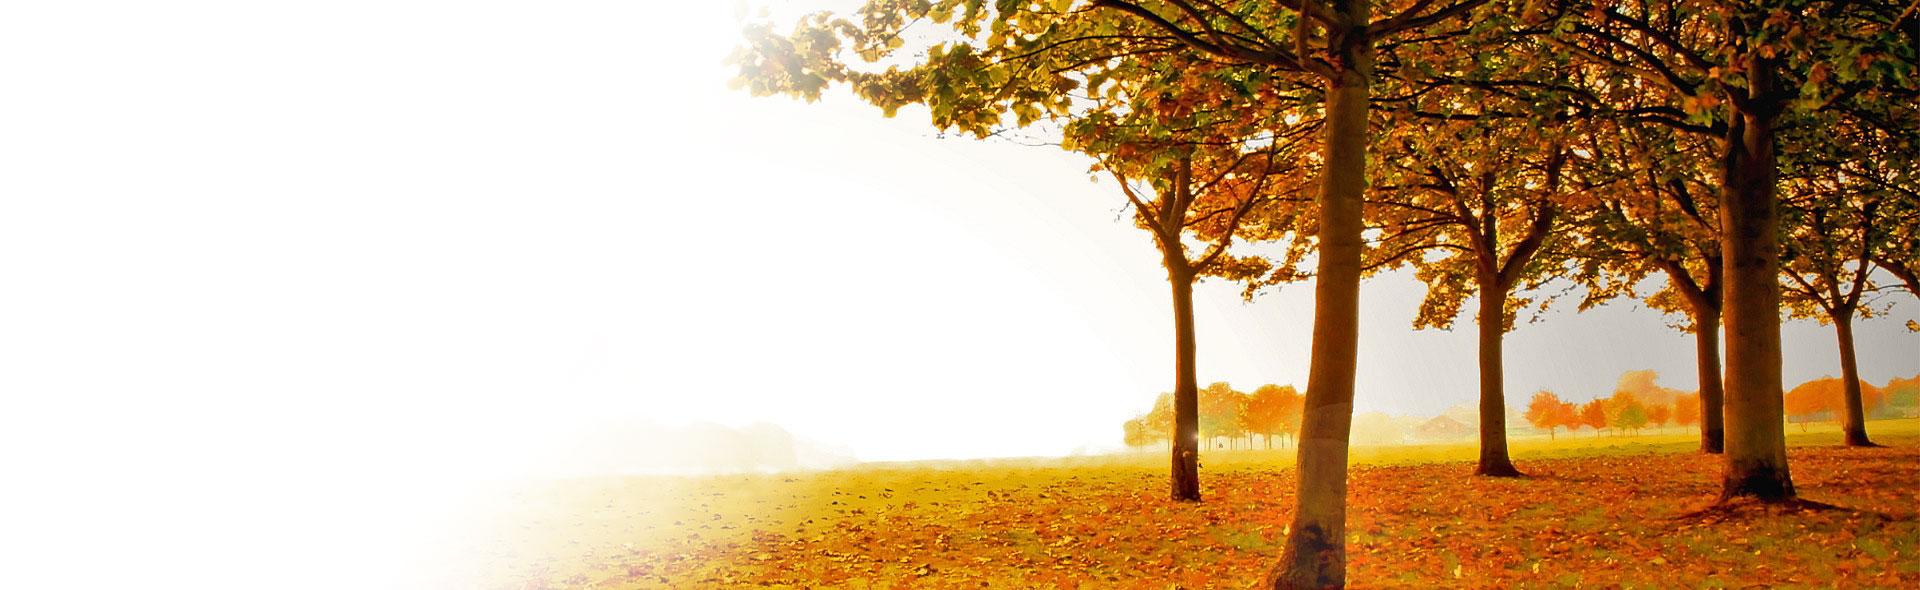 autumn_web